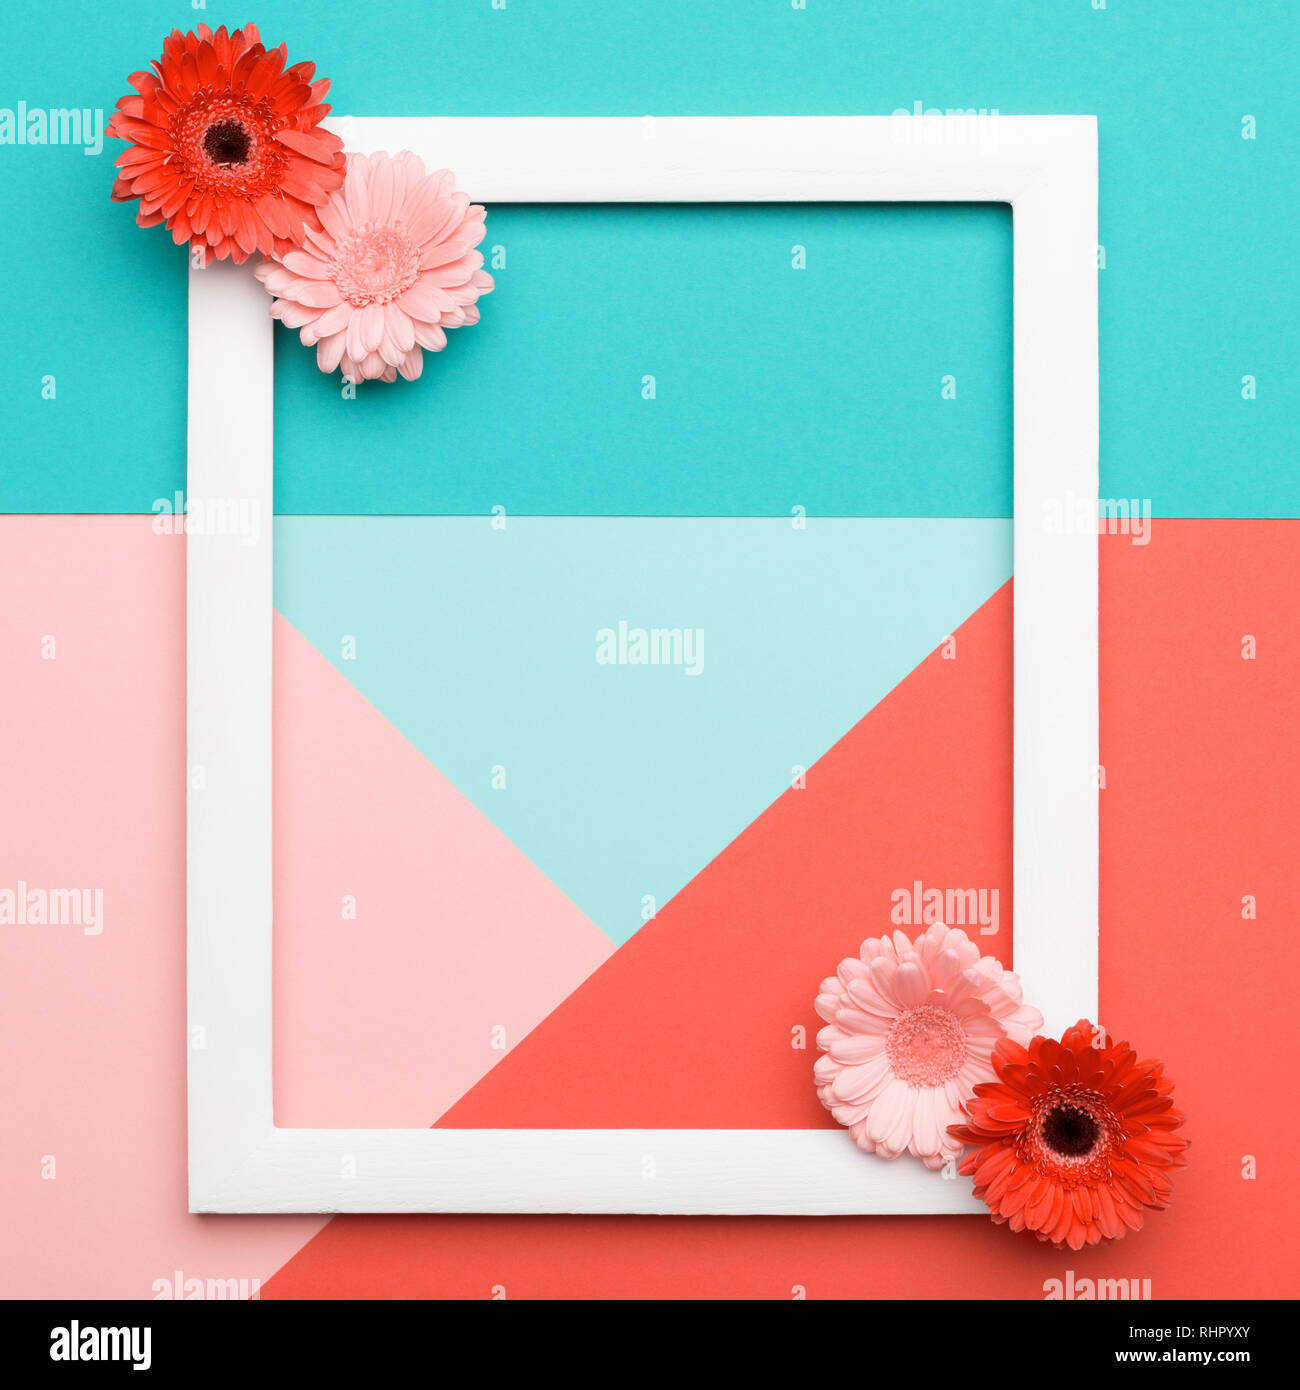 Happy Mother's Day, Journée de la femme, la Saint Valentin ou anniversaire fond corail vivant. Télévision Floral minimalisme laïcs motifs géométriques carte de vœux. Photo Stock